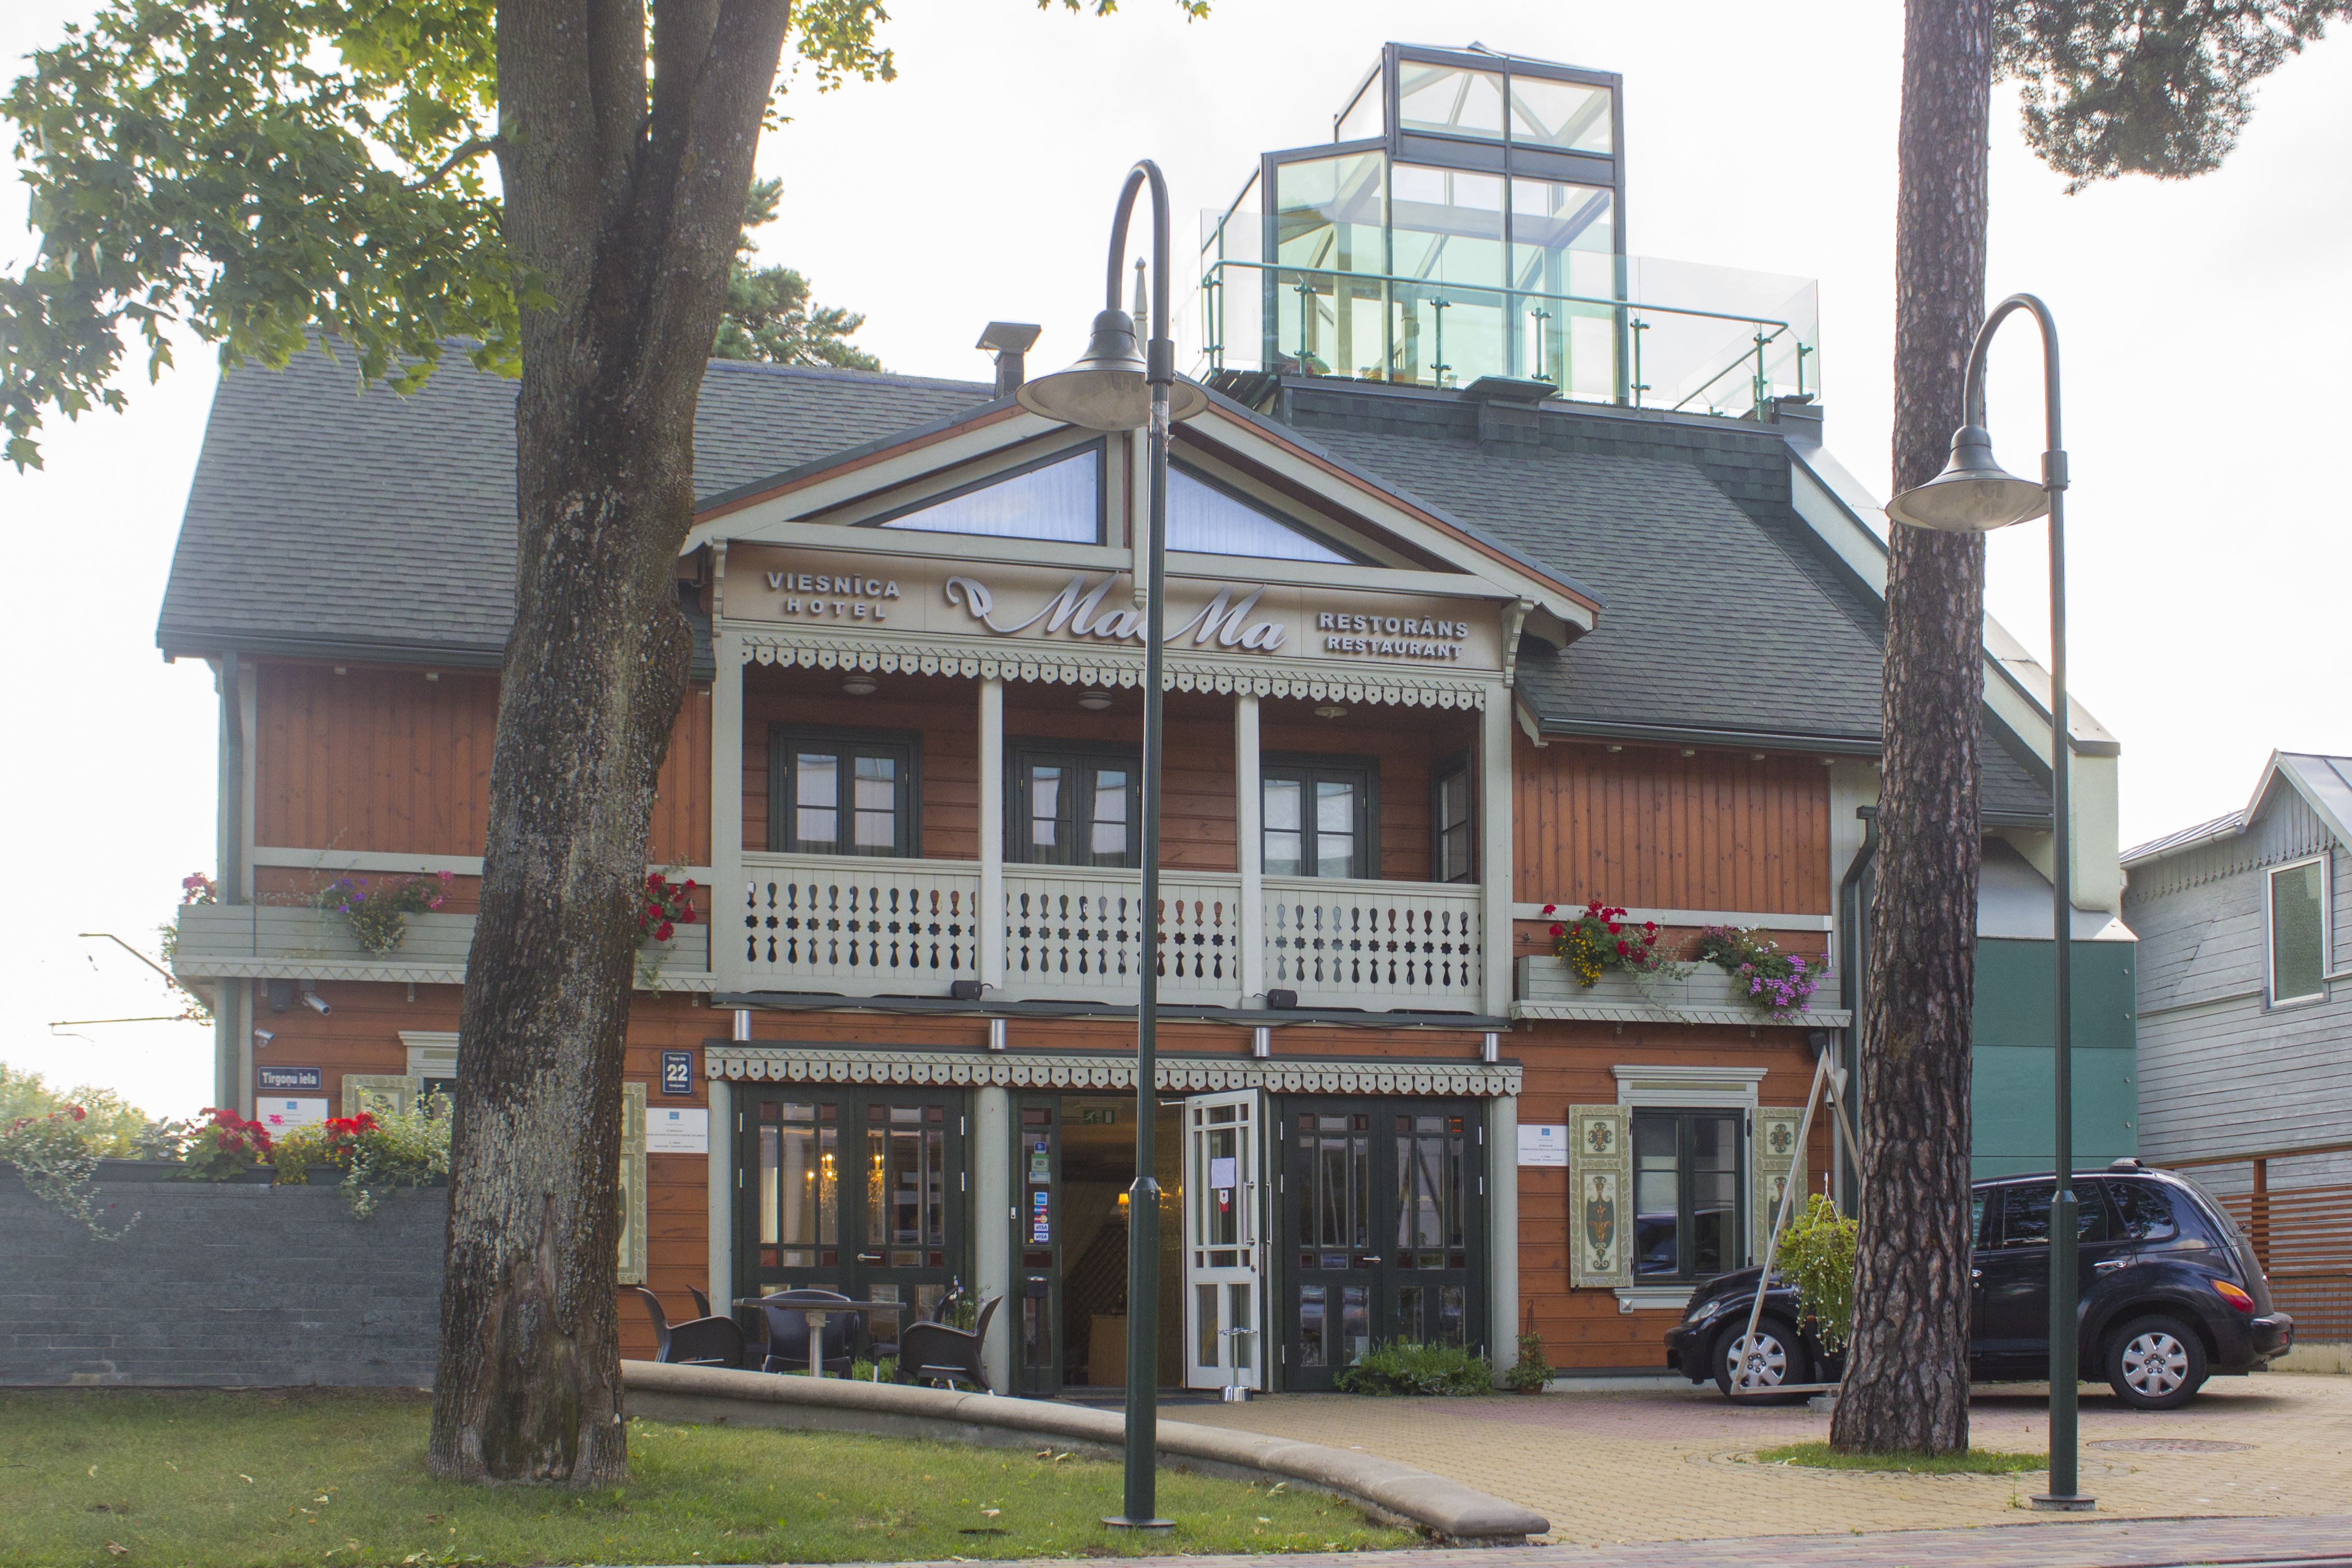 Boutique Hotel & Restaurant MaMa